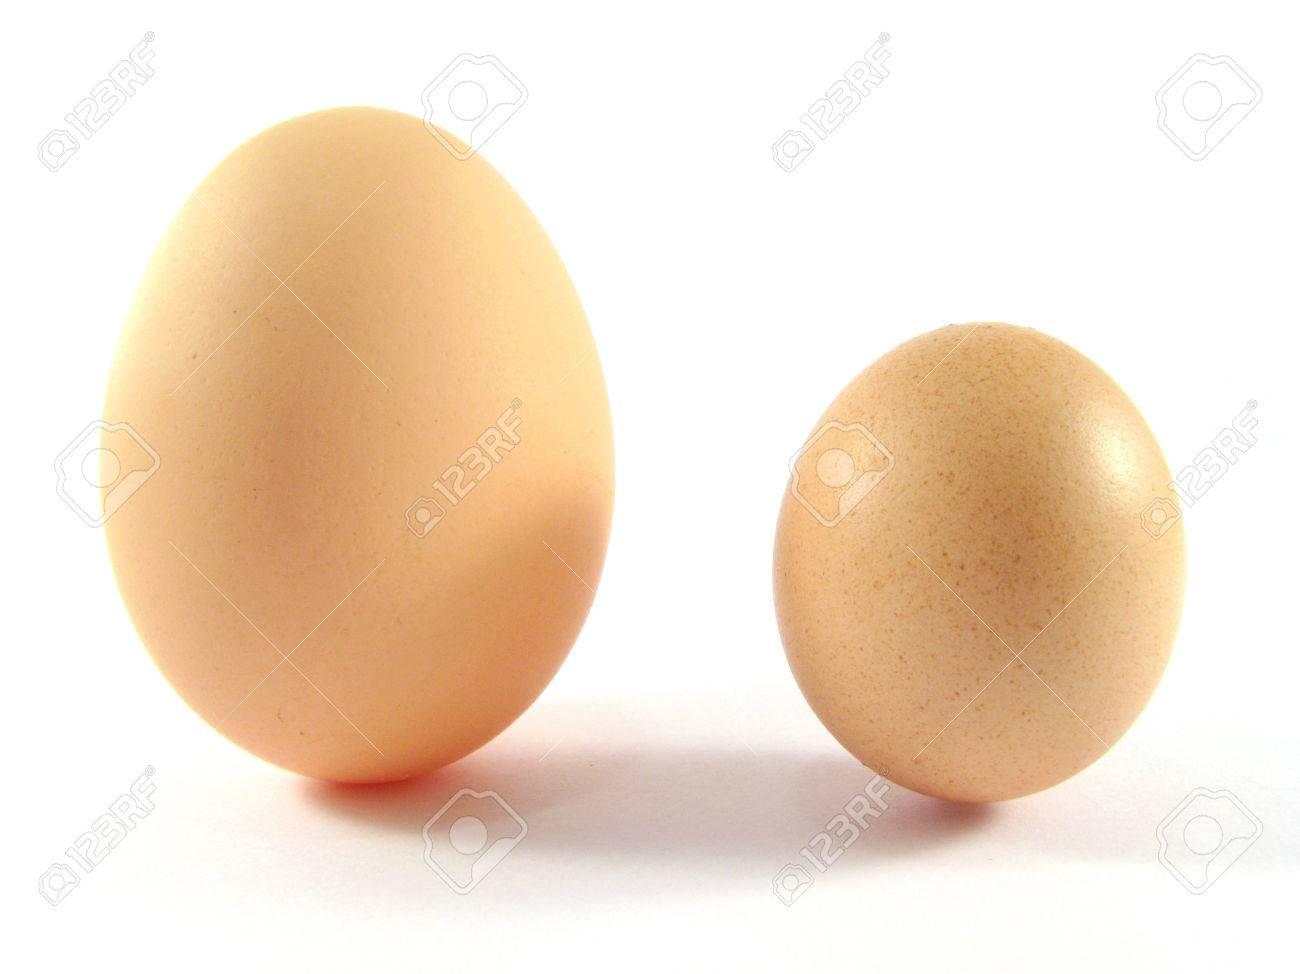 Pequeñas Y Grandes Huevos De Gallina Fotos, Retratos, Imágenes Y ...